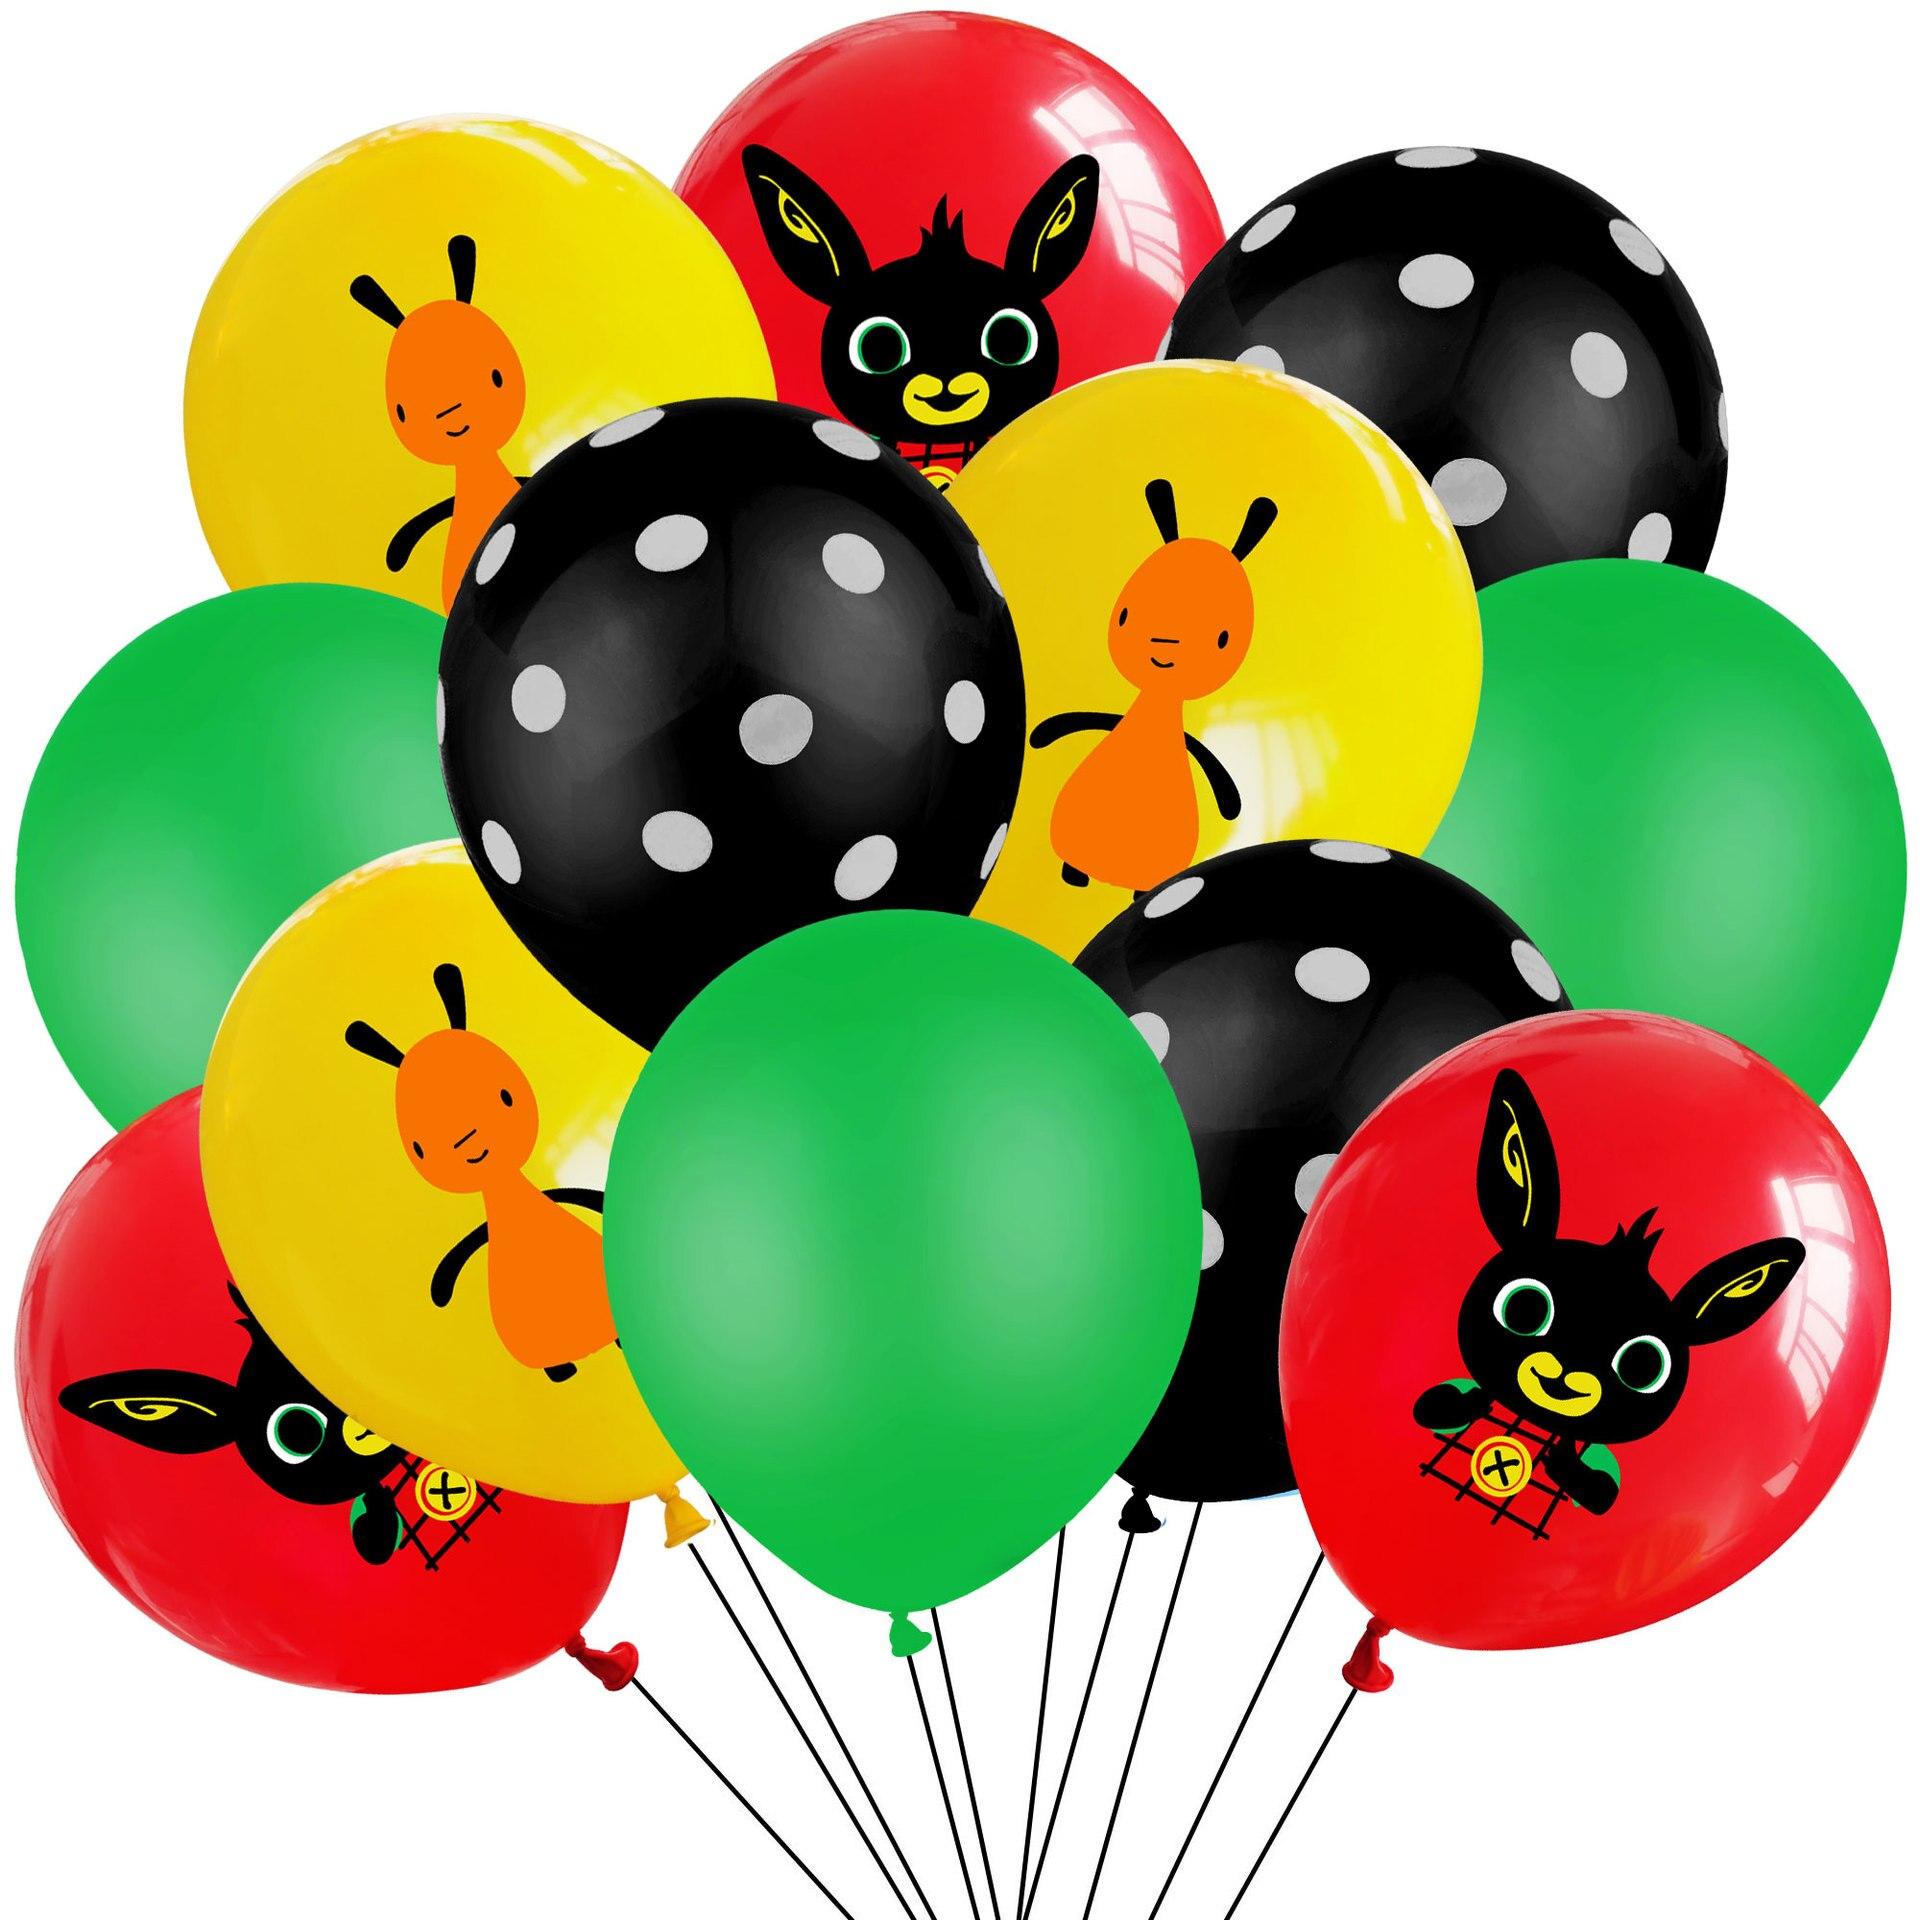 Кролика тематическая вечеринка на день рождения с блестками; Большие размеры шар красный кролик подарок, украшения для вечеринки день рожд...